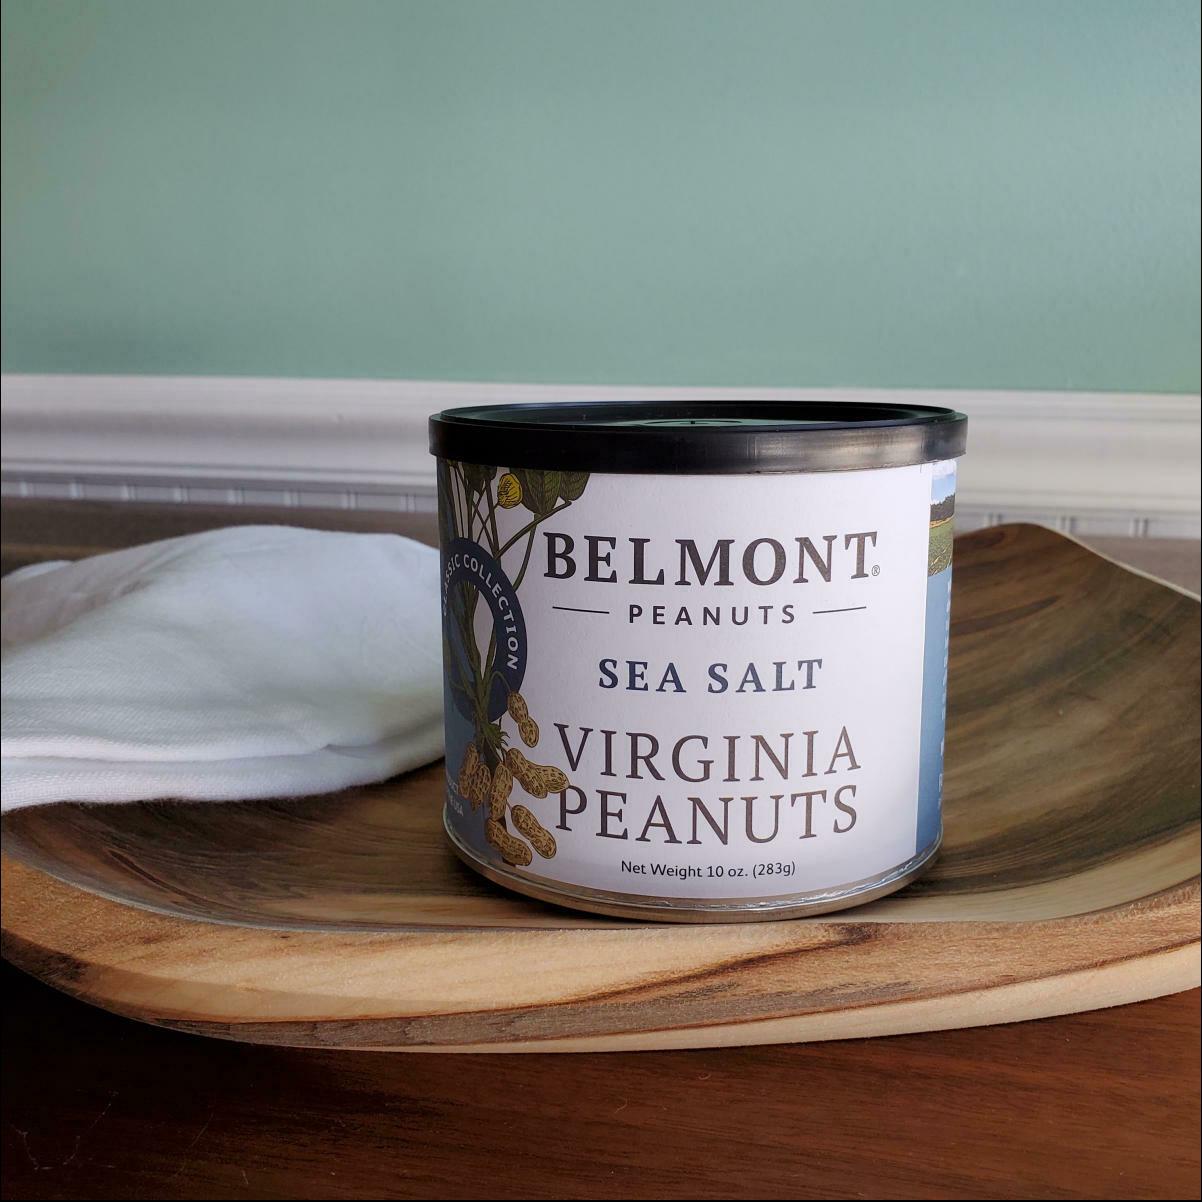 Belmont Peanuts Sea Salt